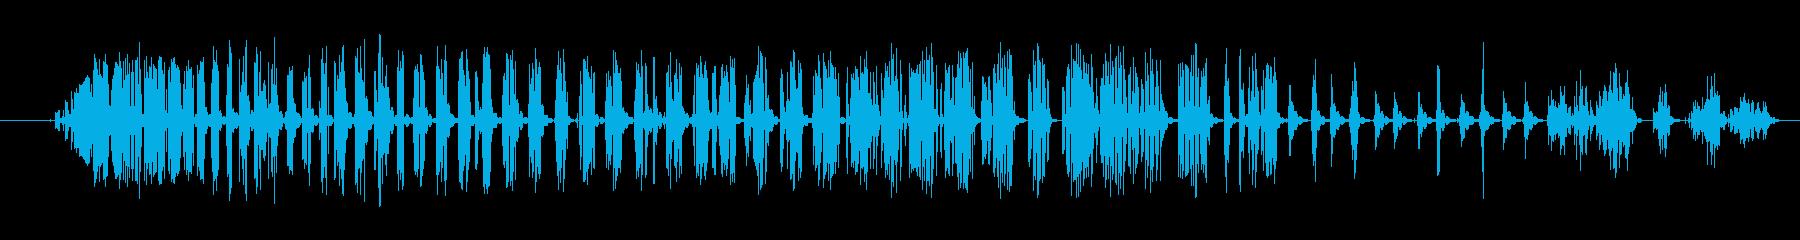 エンジン ブレークダウン02の再生済みの波形